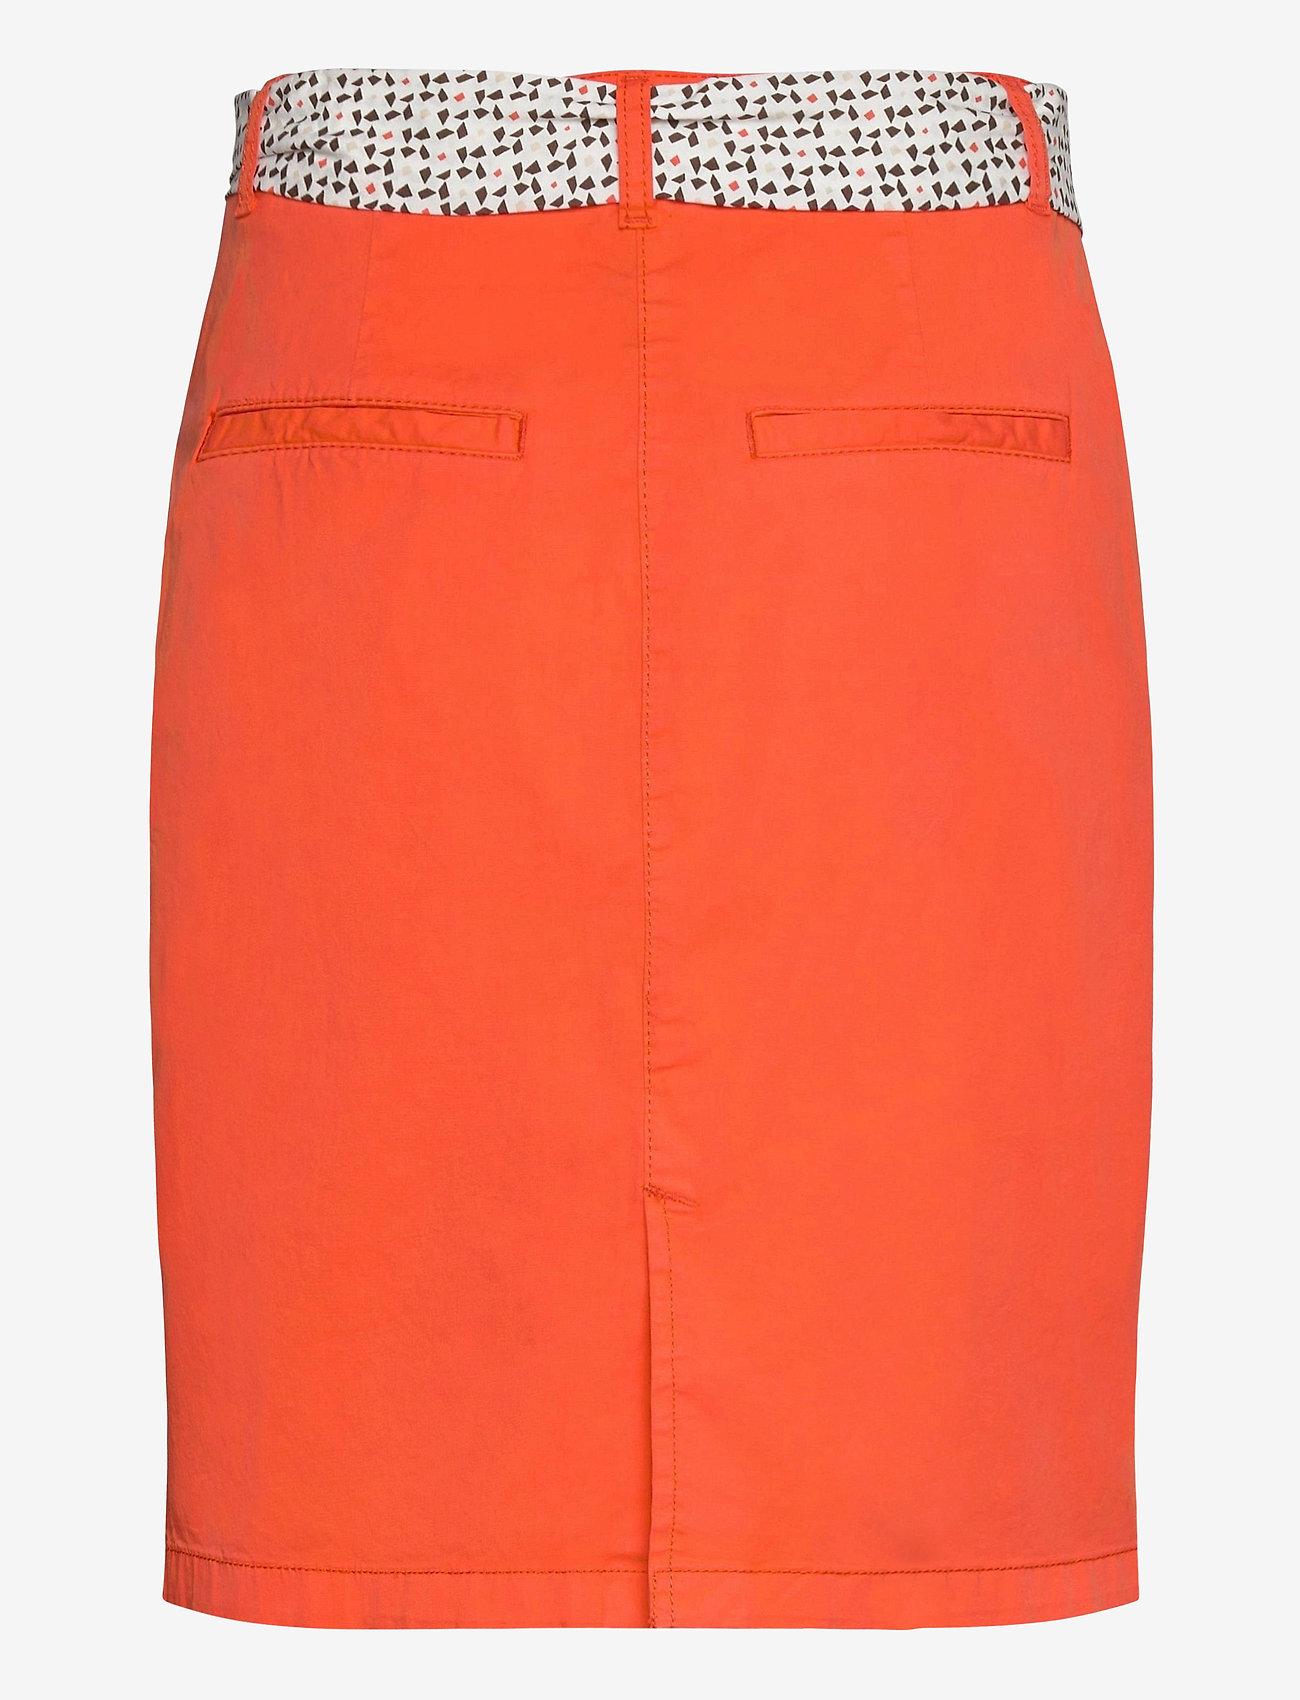 Tom Tailor - skirt solid - pennkjolar - strong flame orange - 1